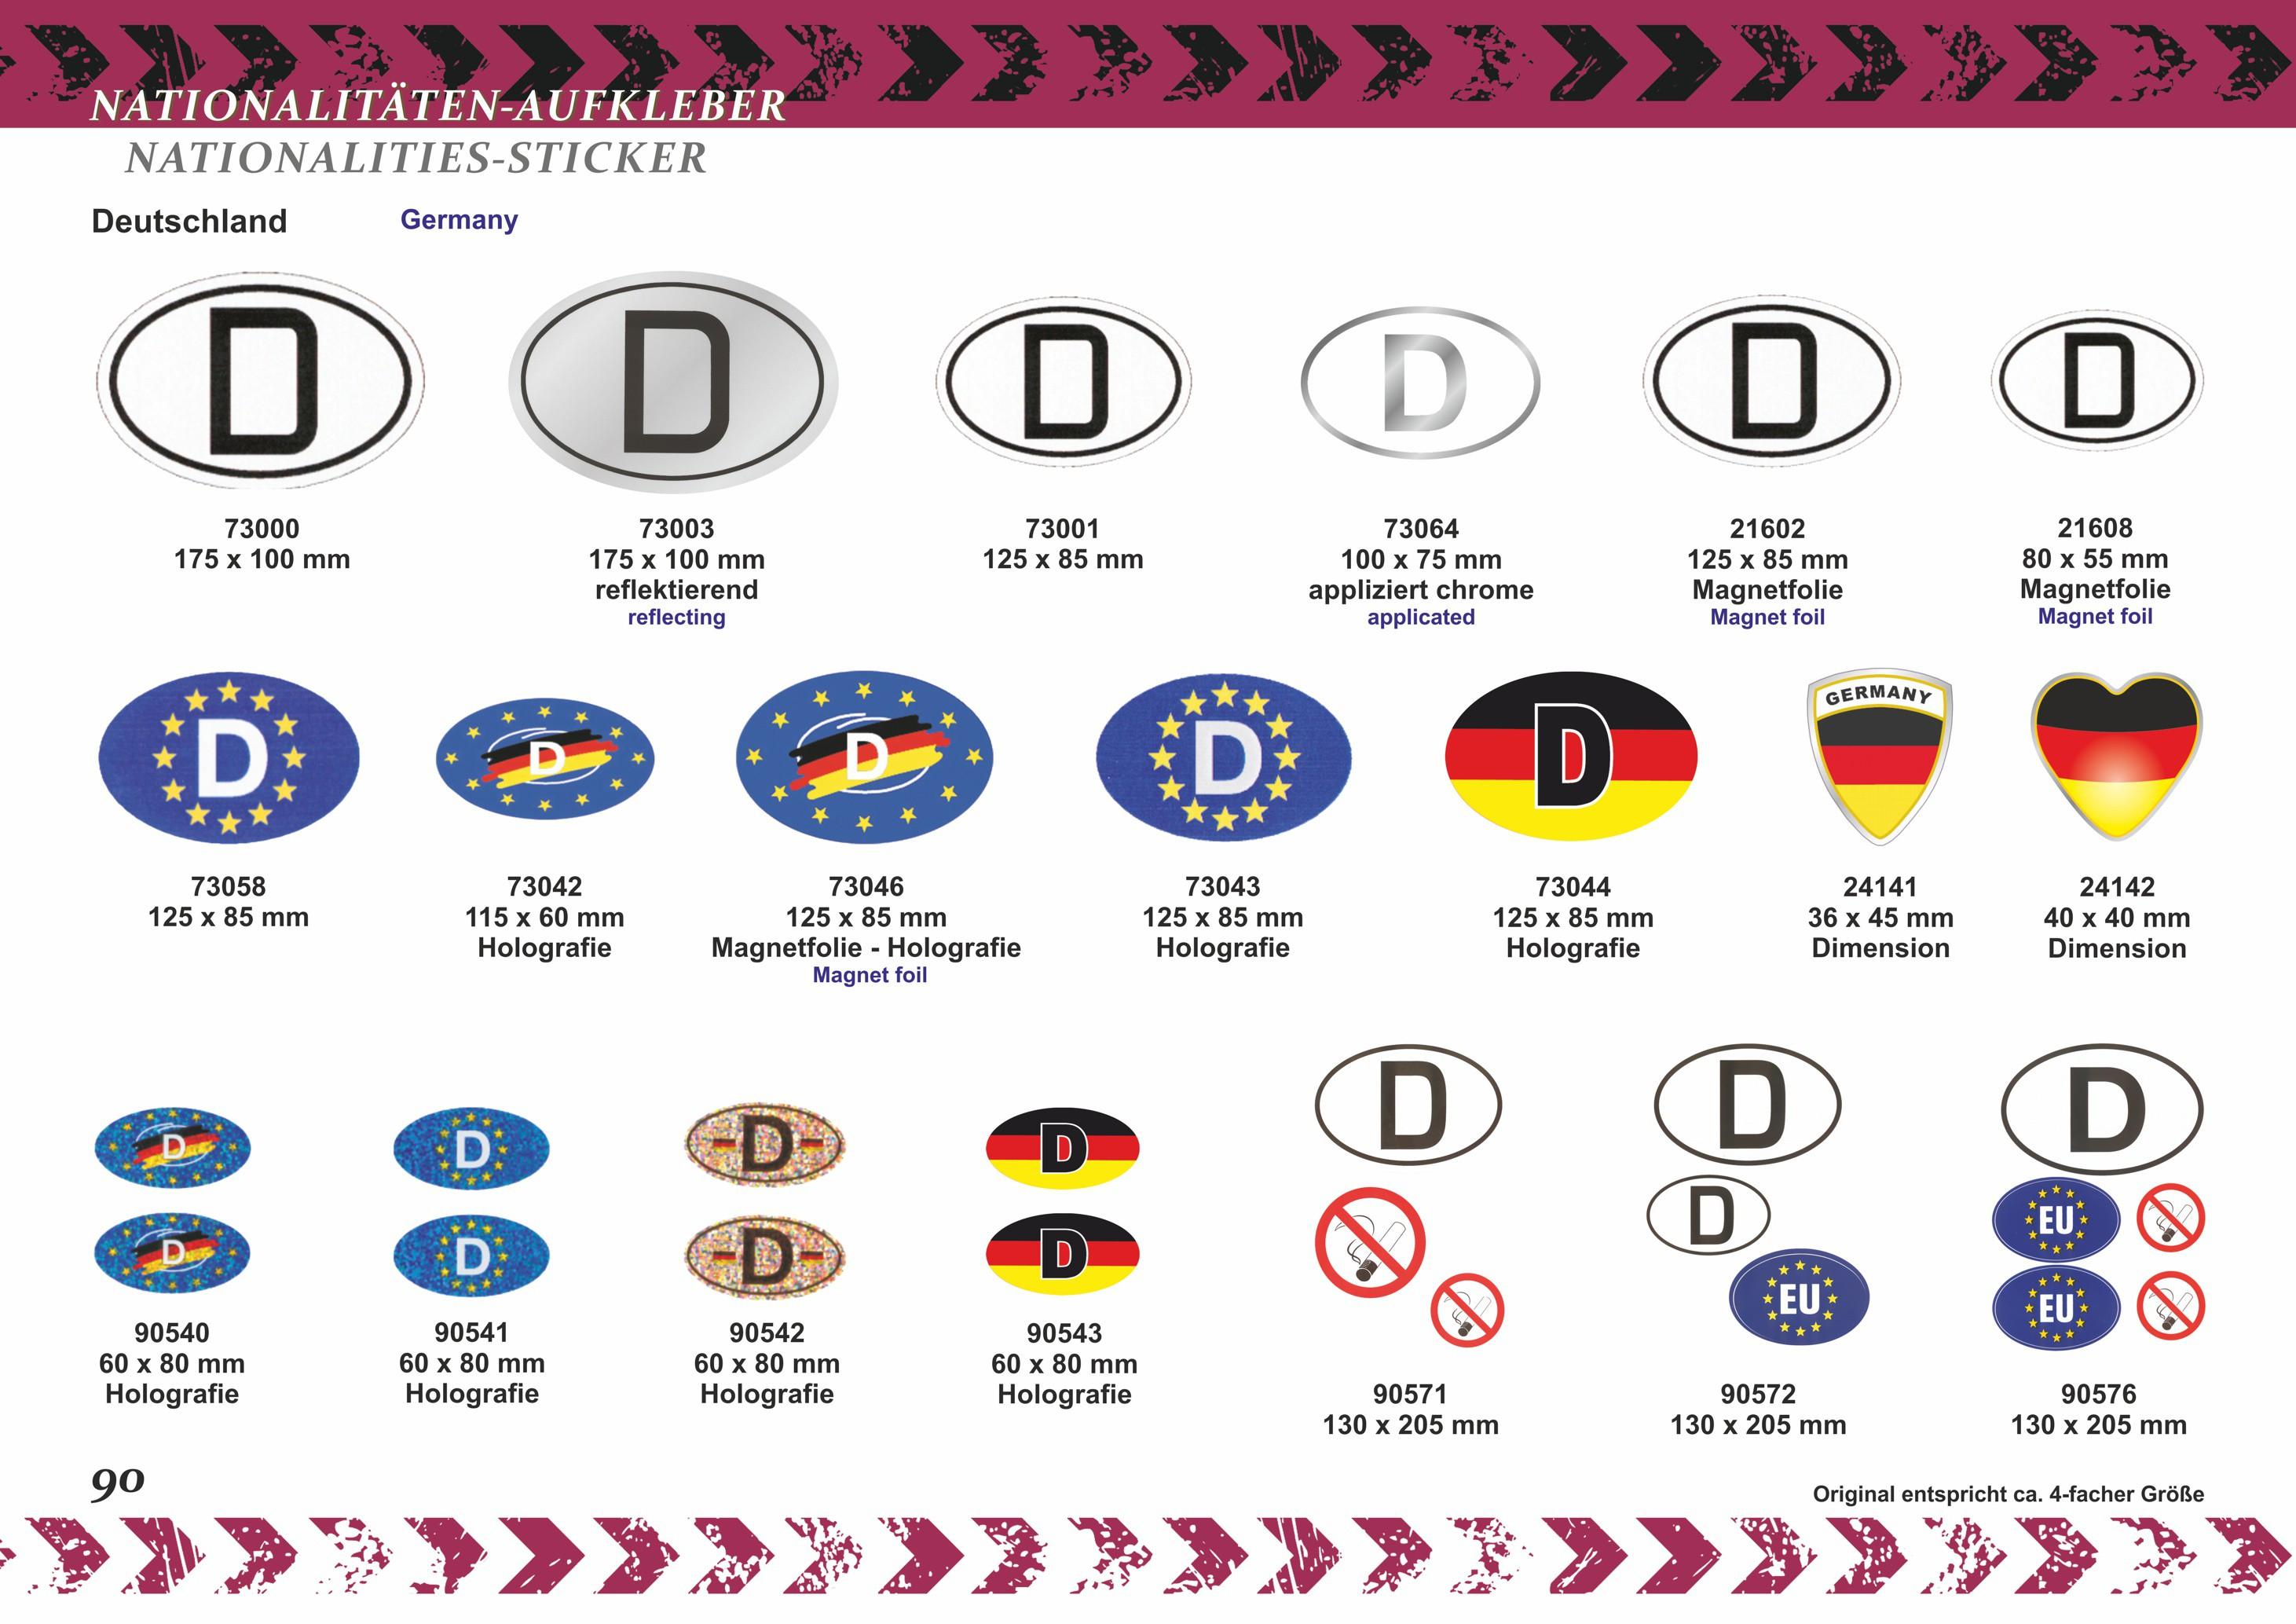 Aufkleber Europa-D 125 x 85 mm – Bild 4